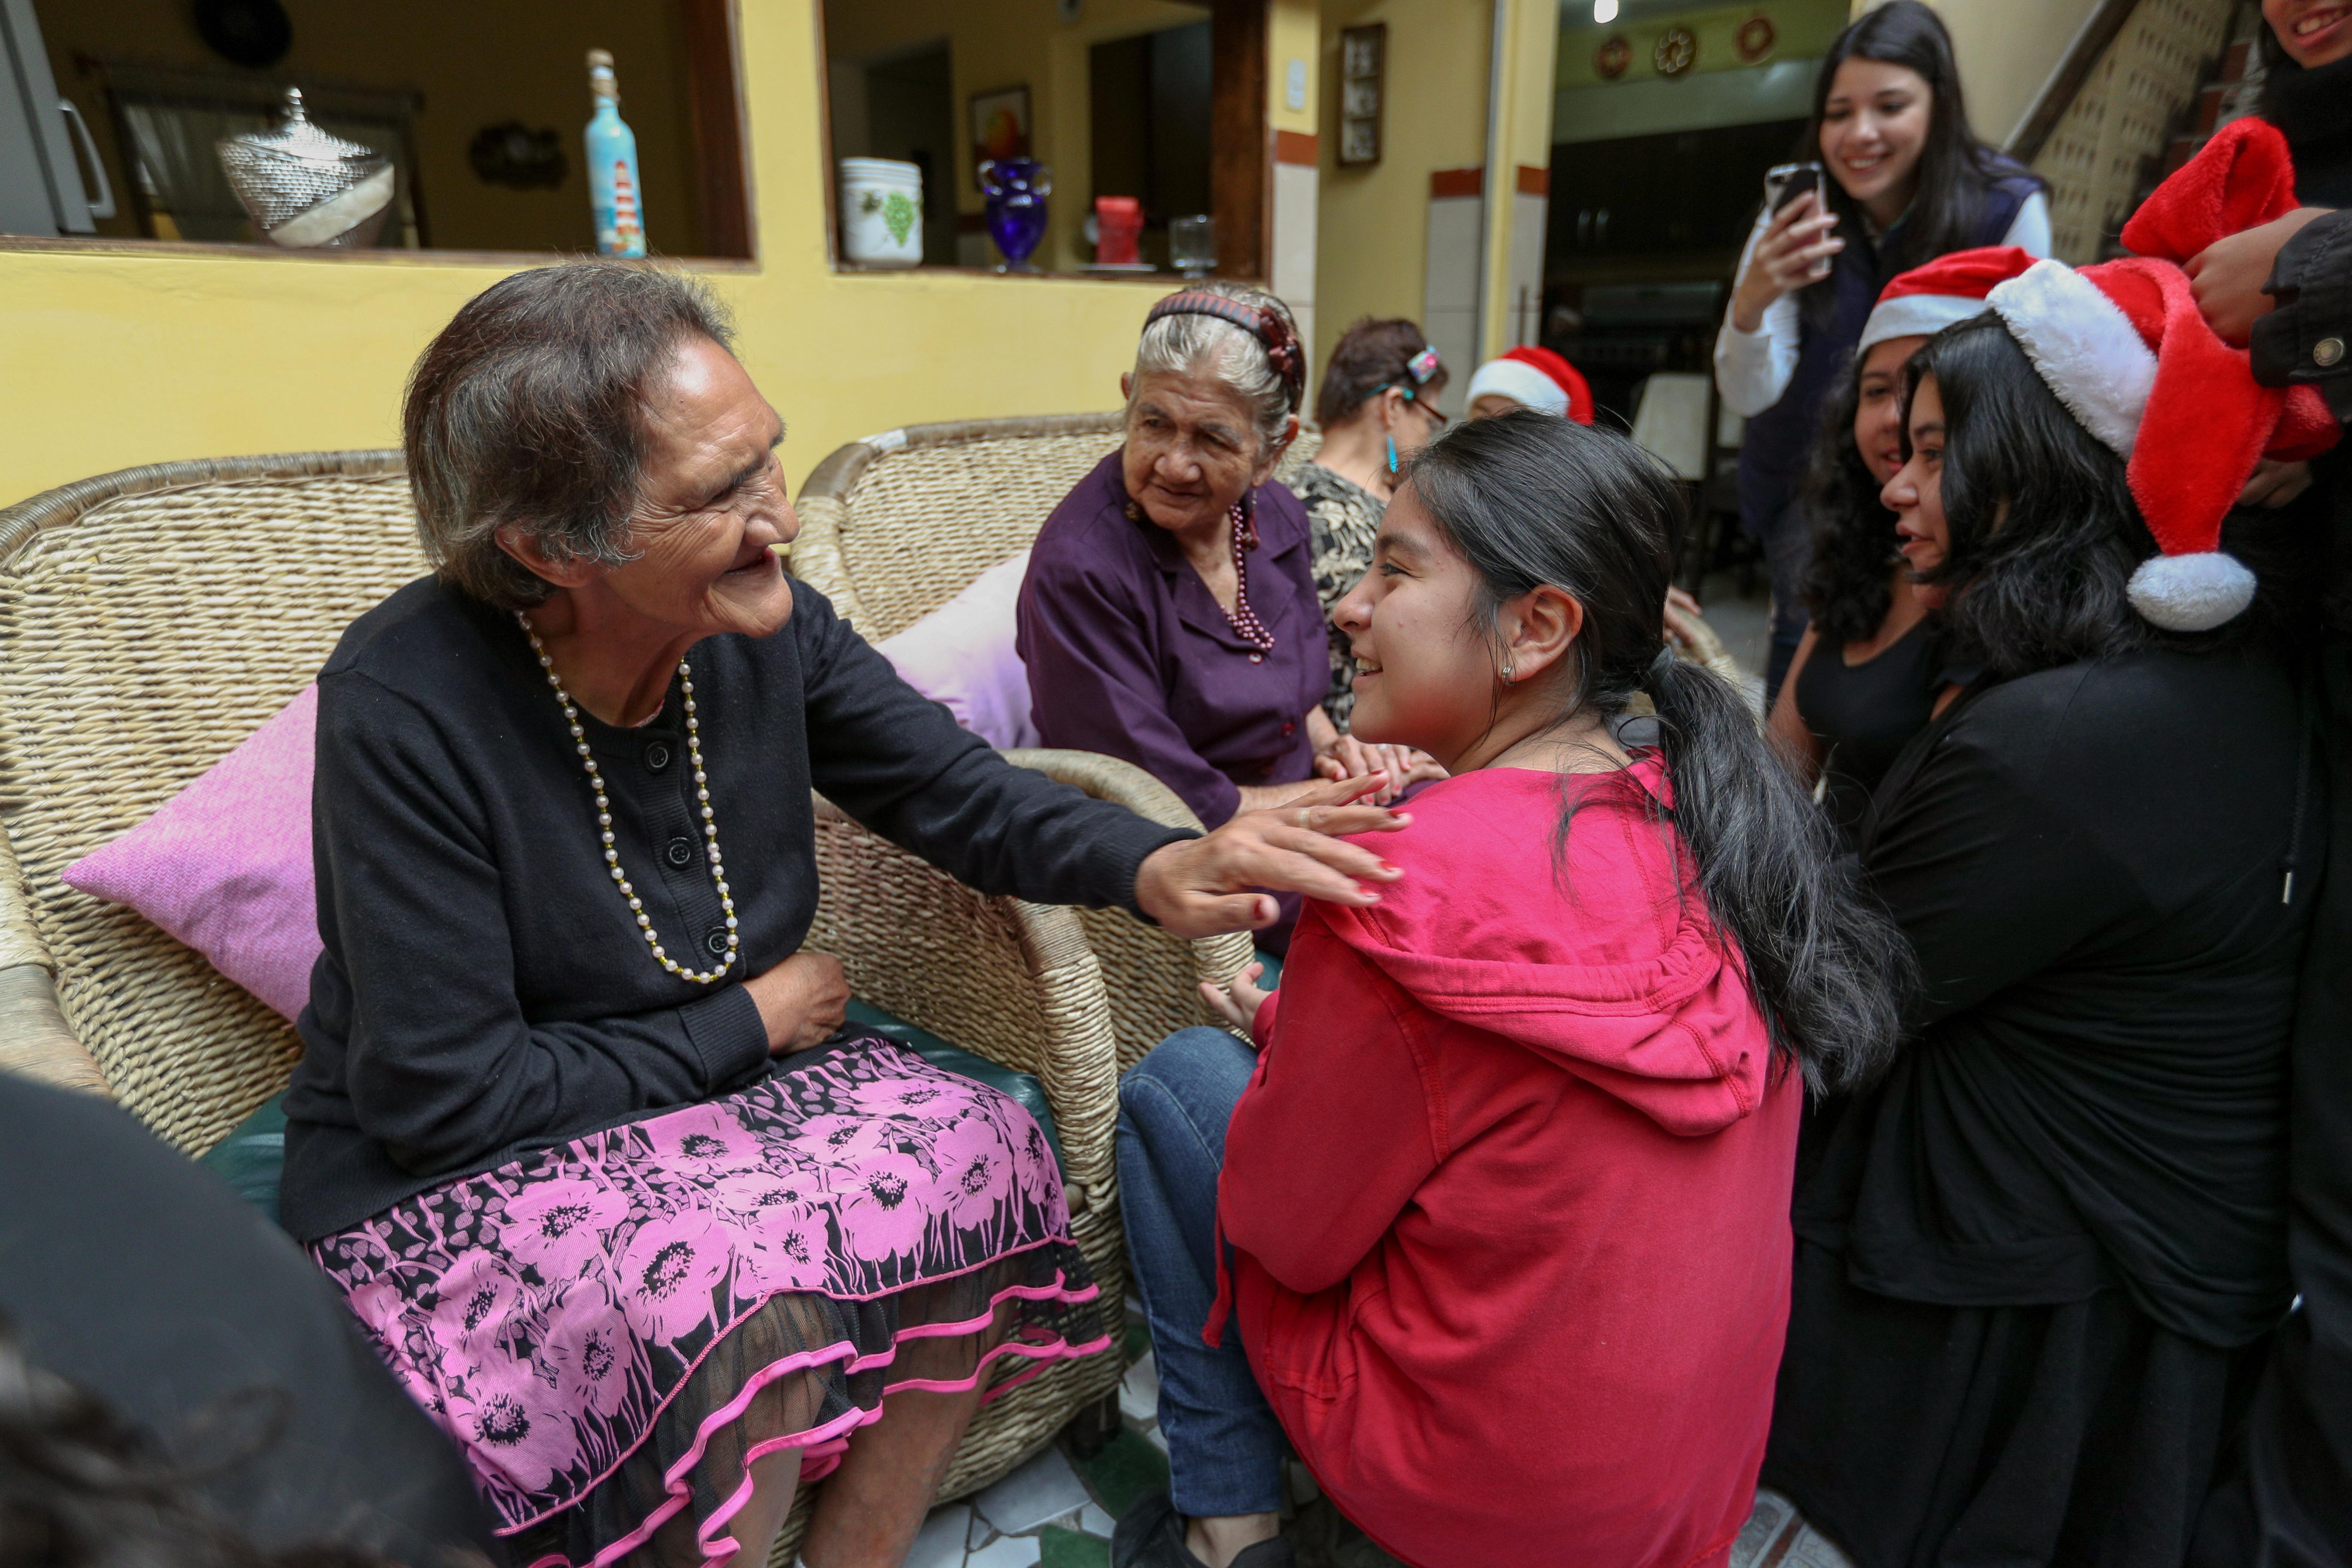 Niños del Coro Novella visitó el Hogar de Ancianos Jesucristo es Nuestro Refugio donde viven 15 abuelas. (Foto Prensa Libre: Álvaro Gónzález)